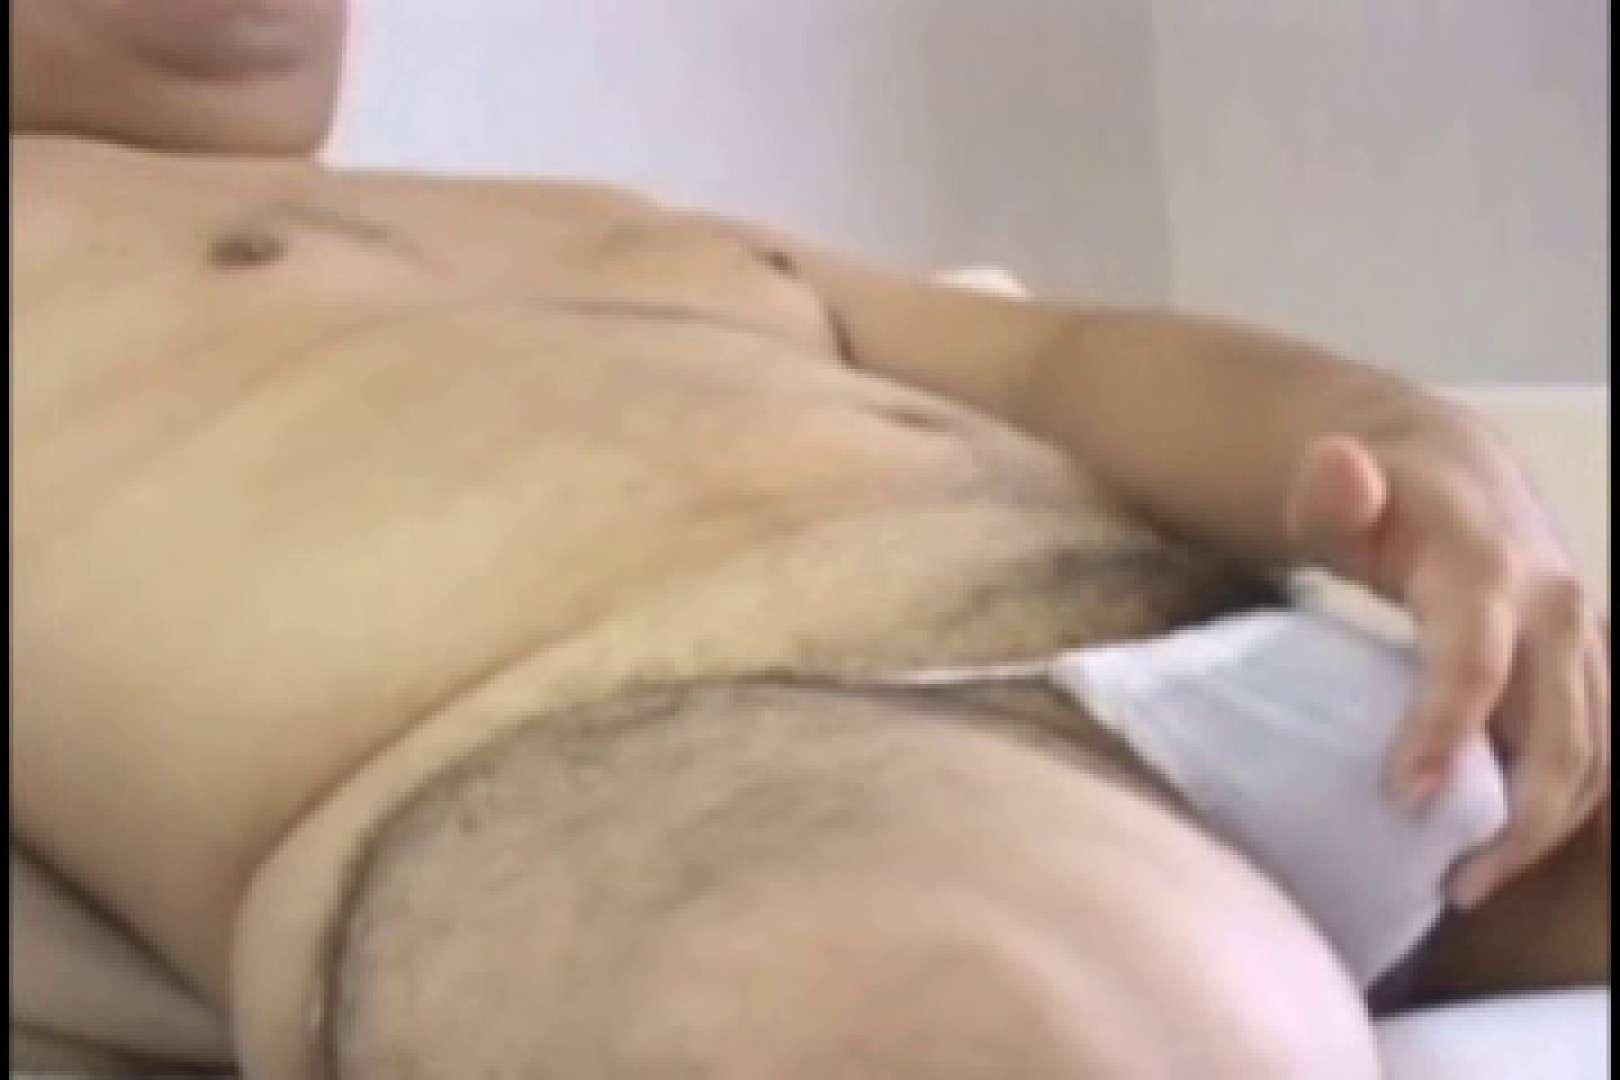 おちんちん|性欲に満ちたデカてぃむぽのホモ旦那|フェラ